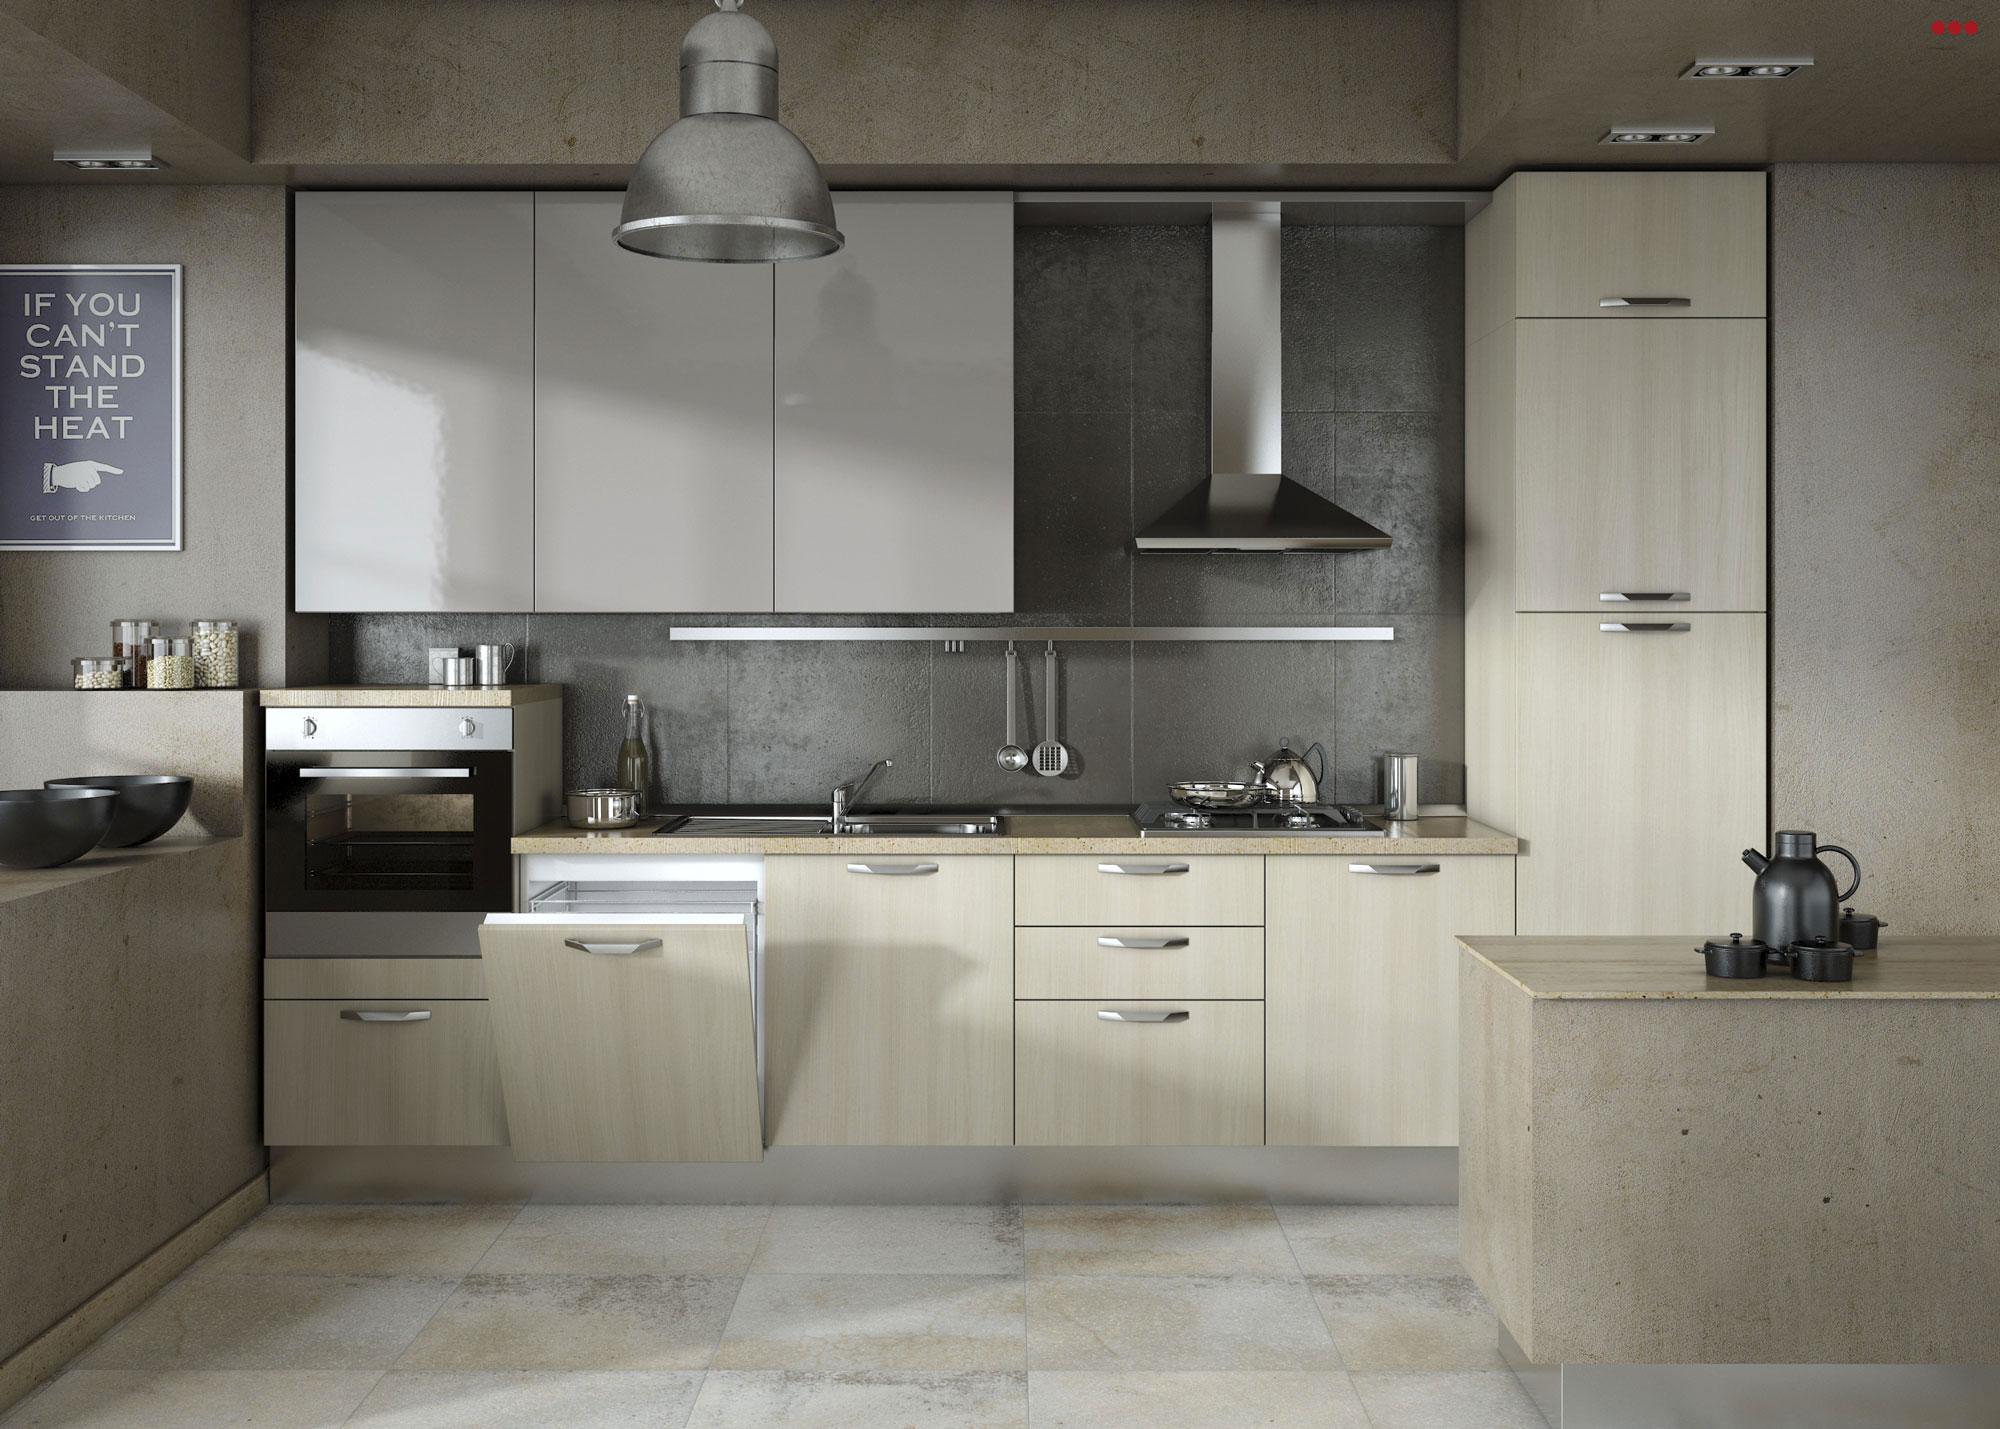 3D Studio Bartolini progettazione grafica cucine interior design Glossy Rimini Pesaro